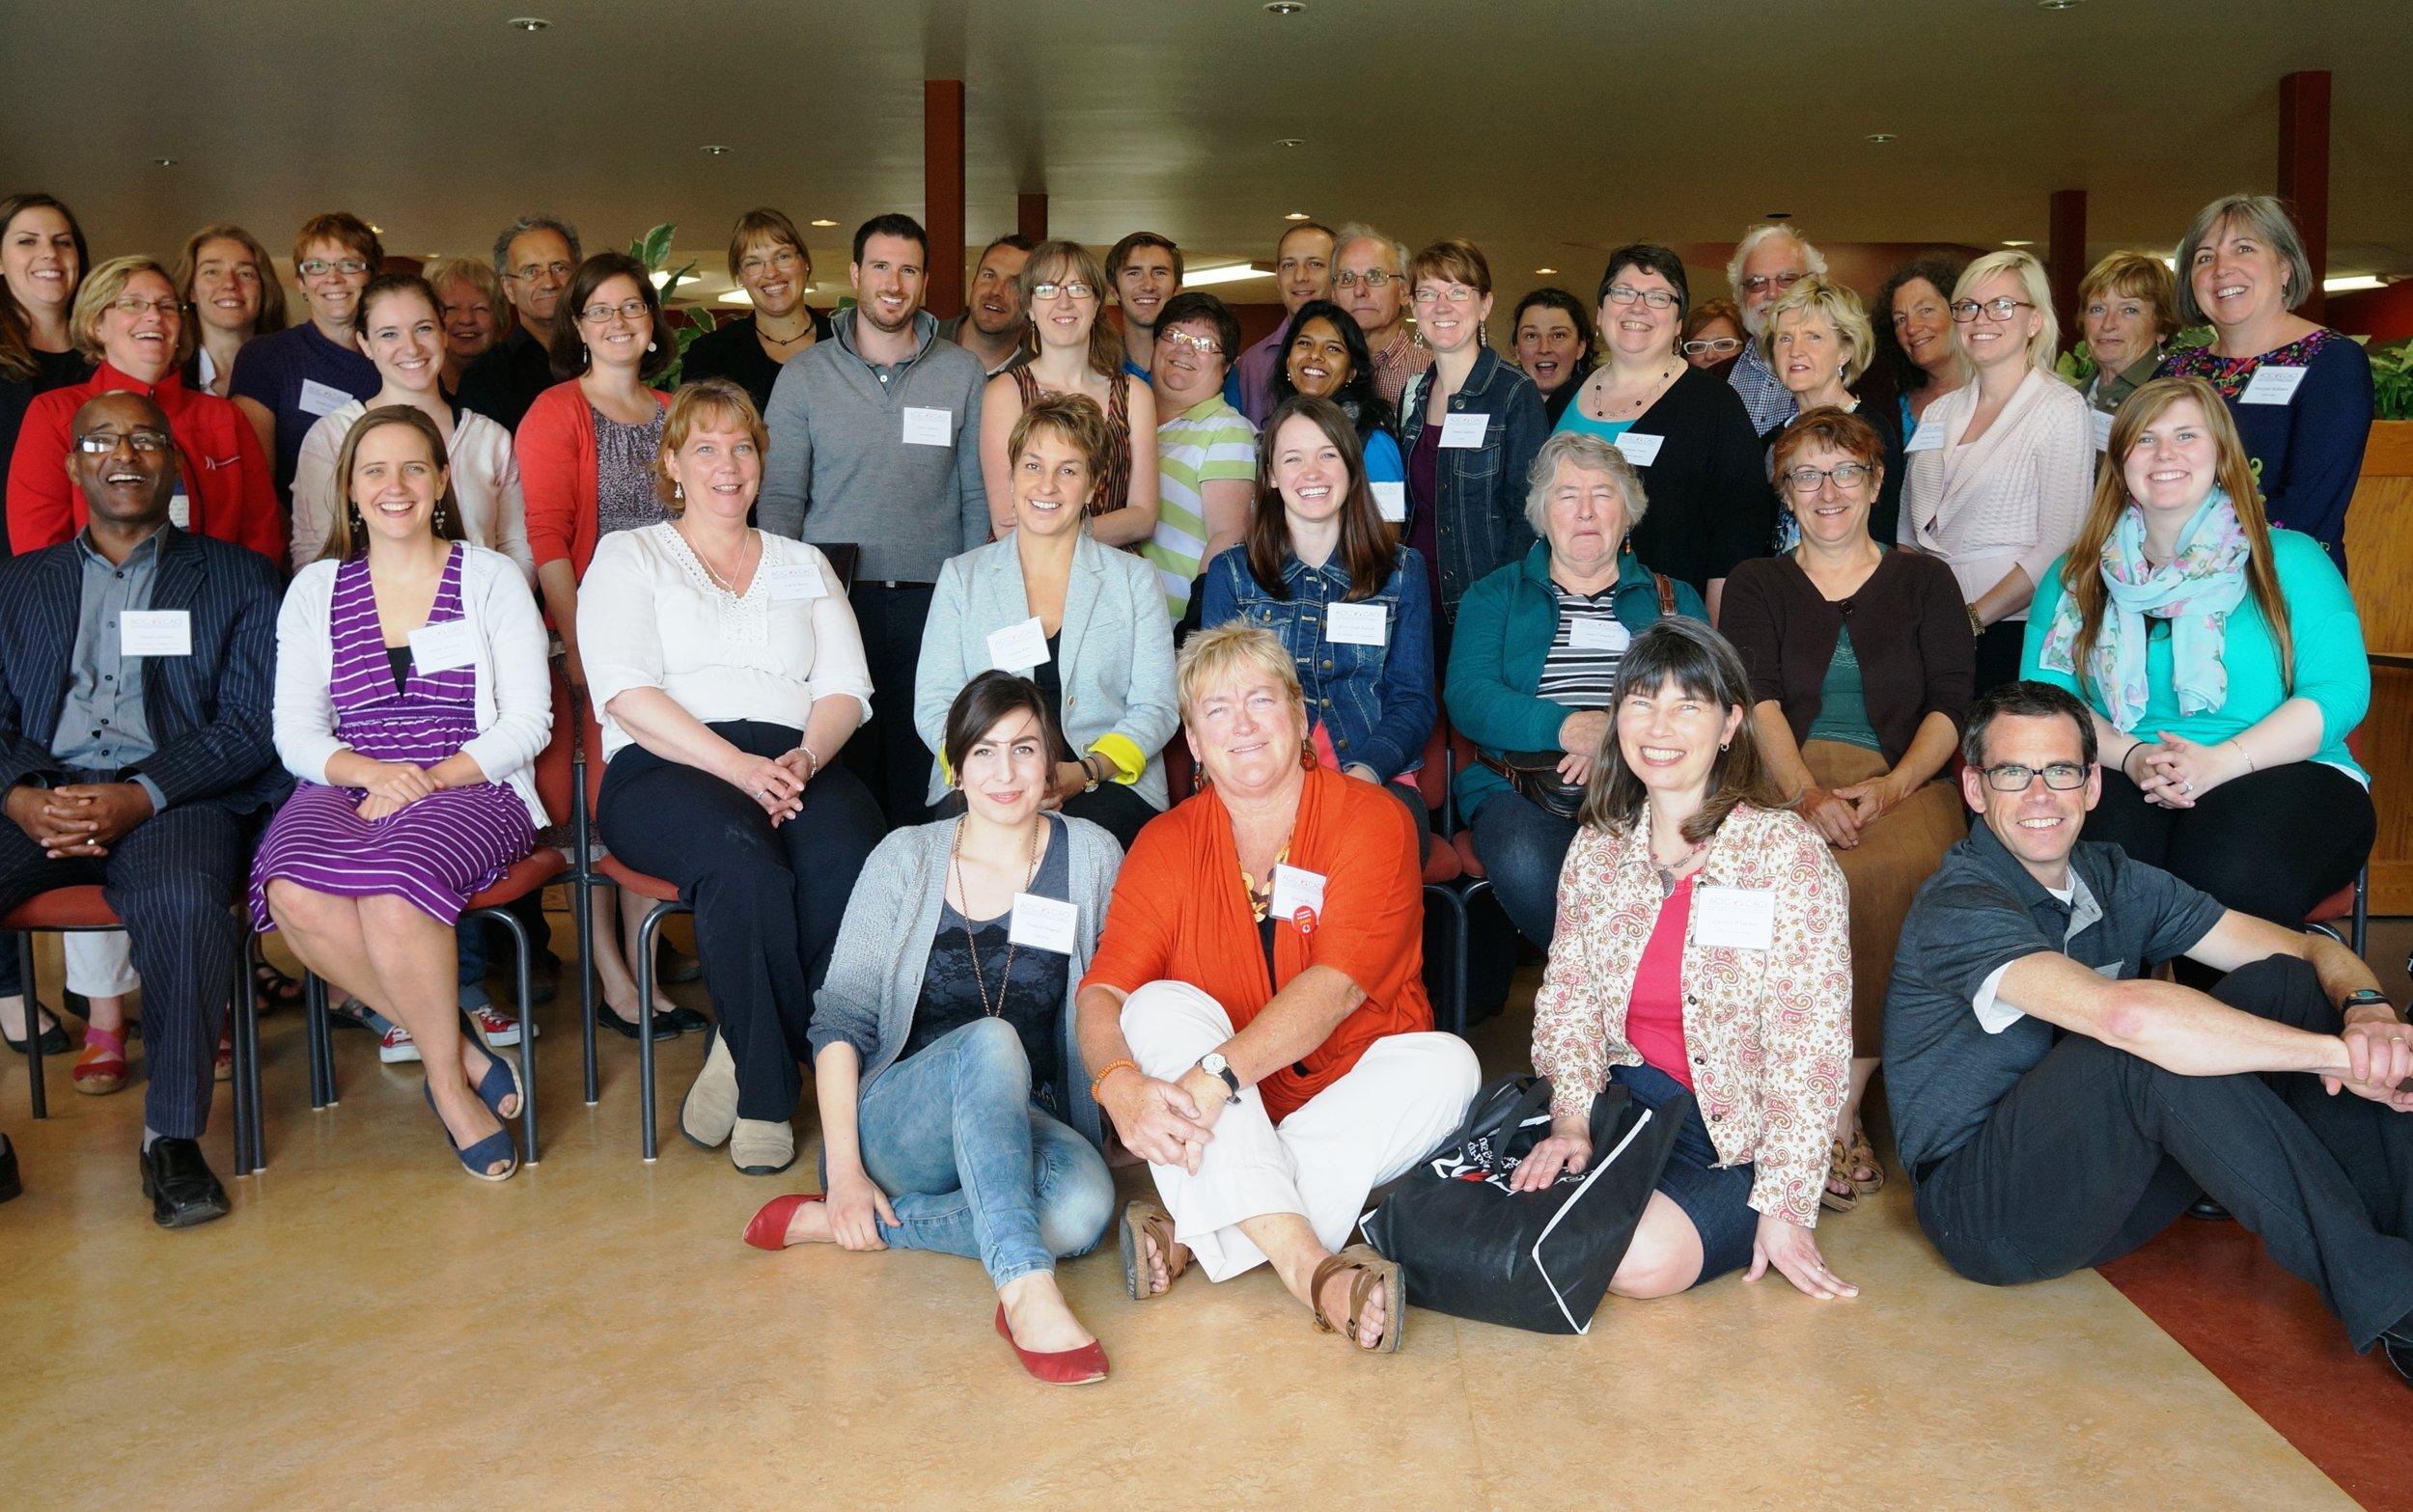 2014 Symposium group photo large.jpg